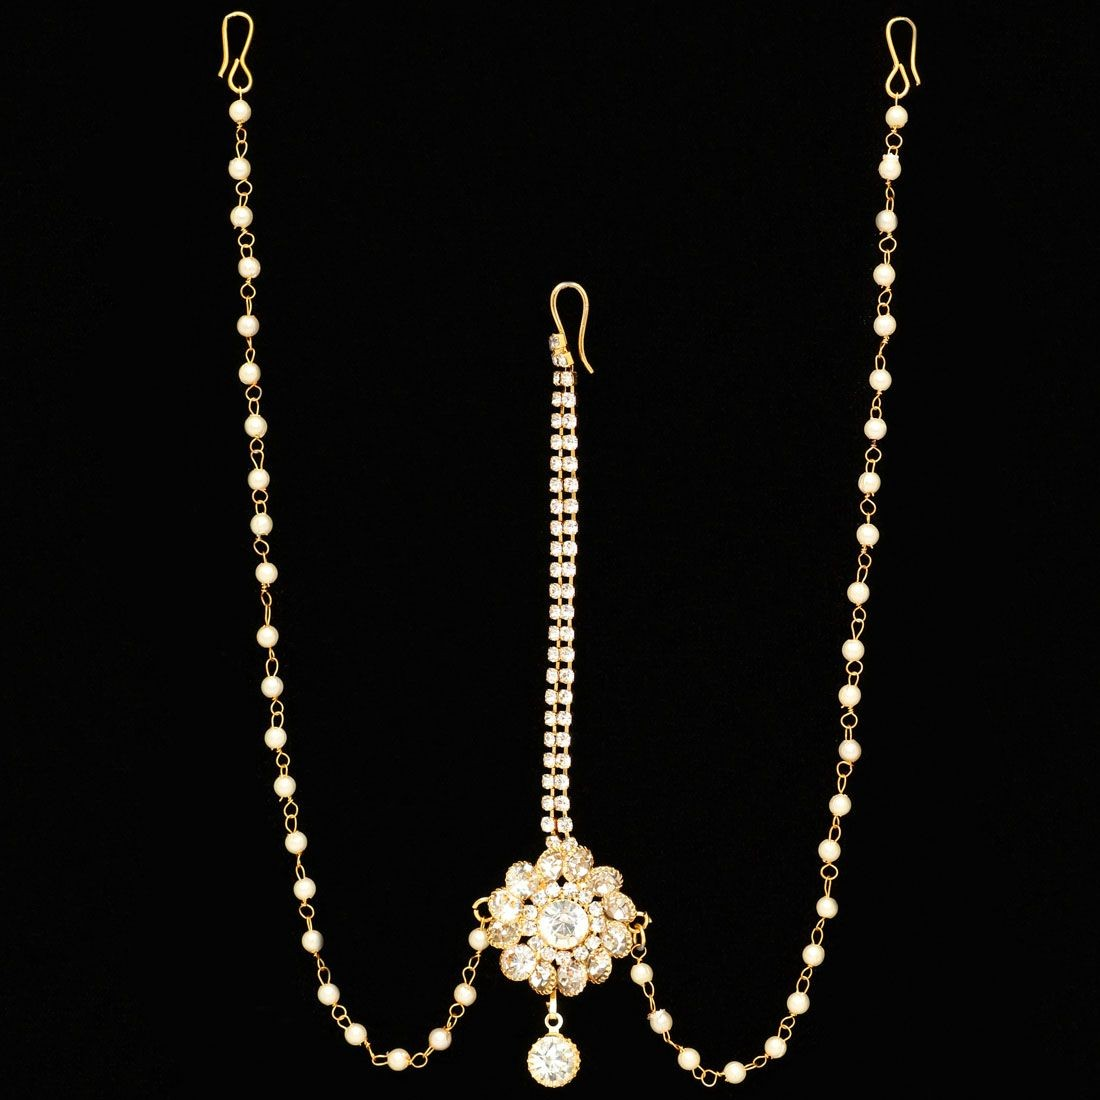 Tiara piedras brillantes y perlas